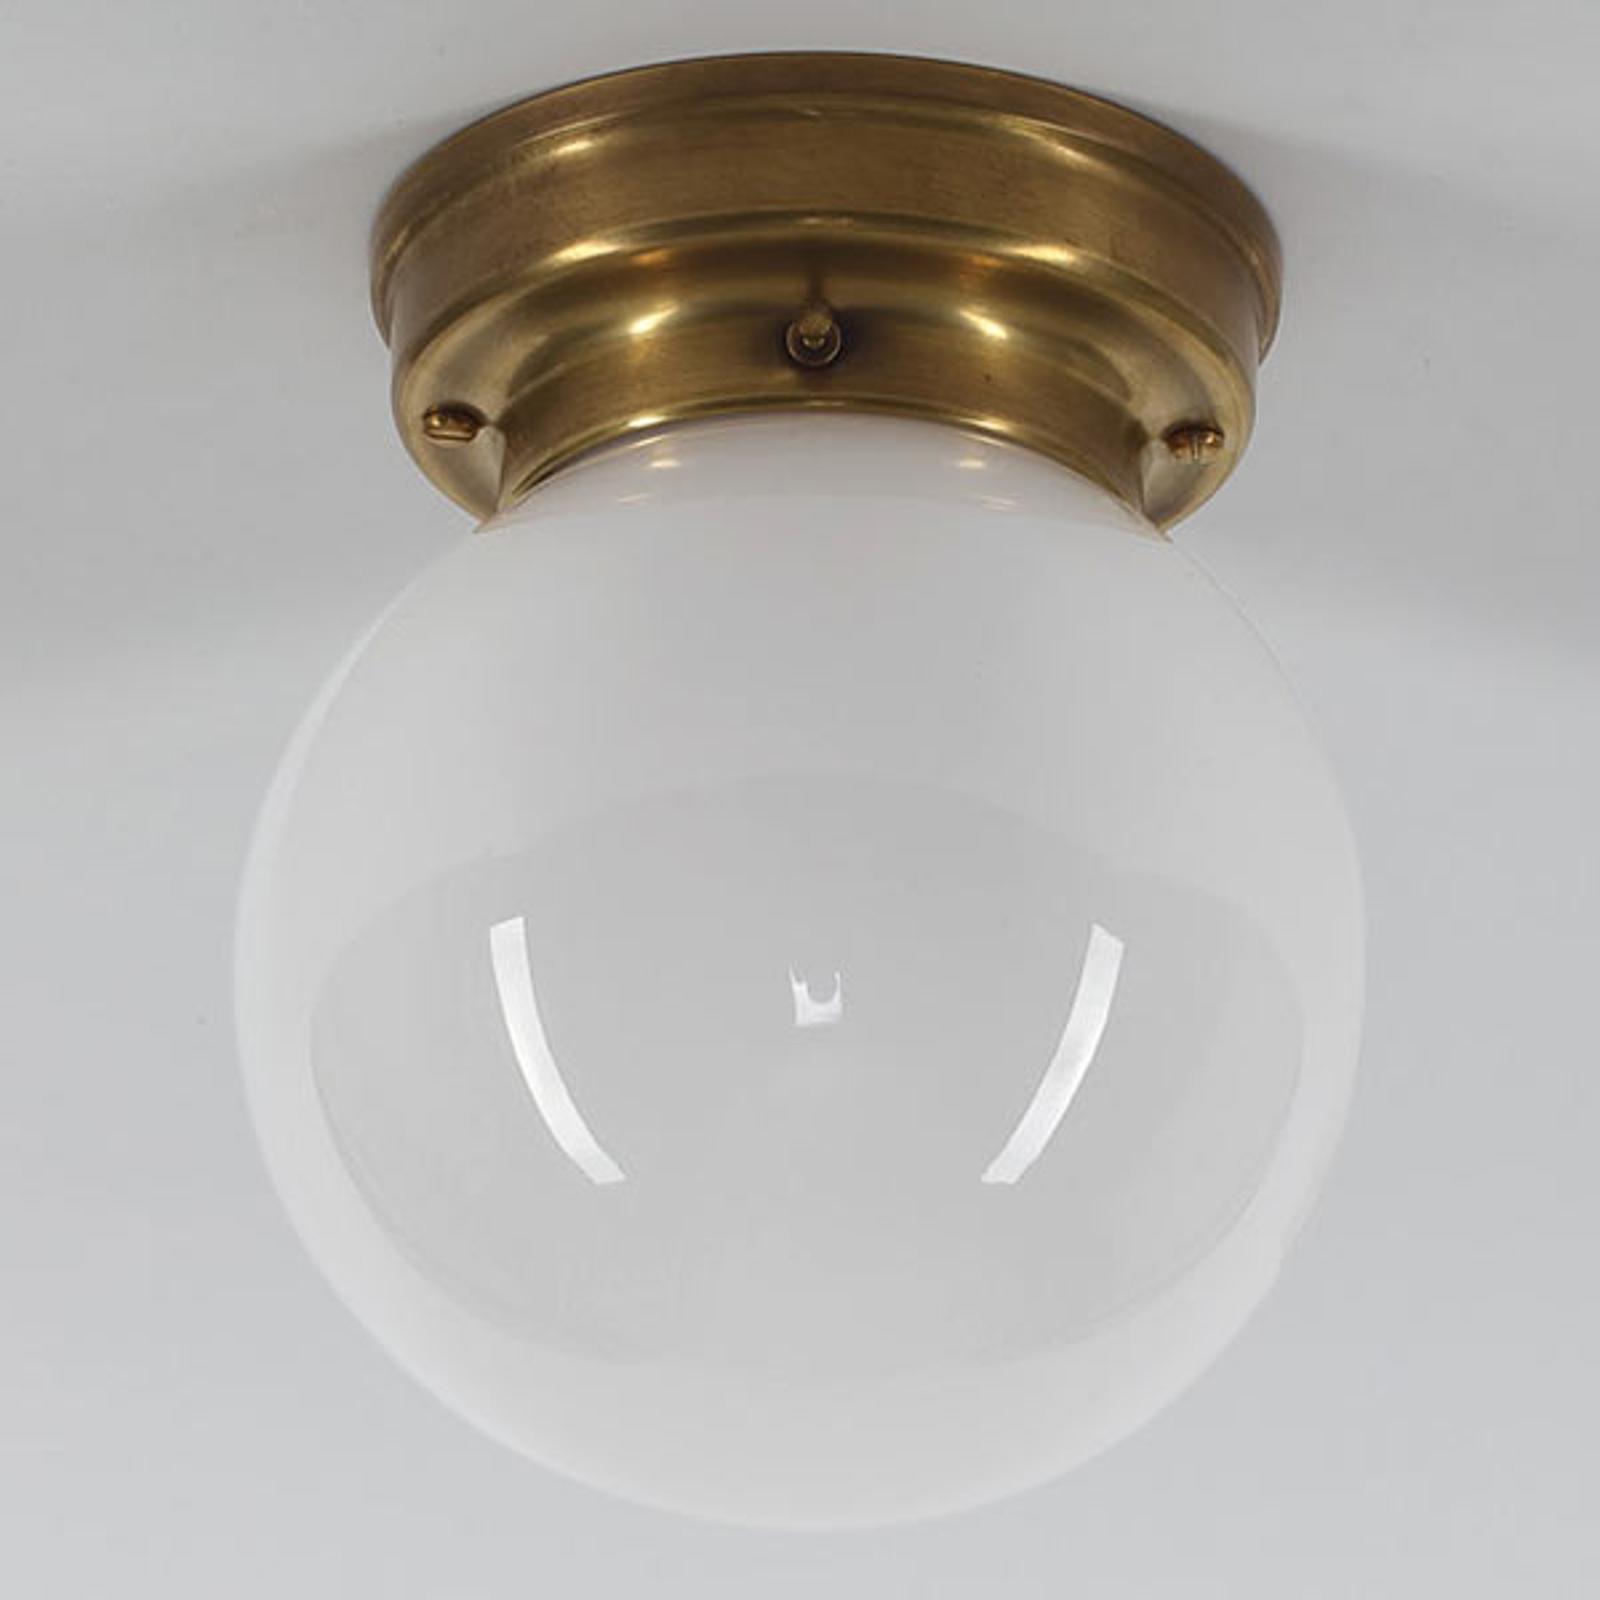 Lampa sufitowa D99-115 op B, opalowy klosz